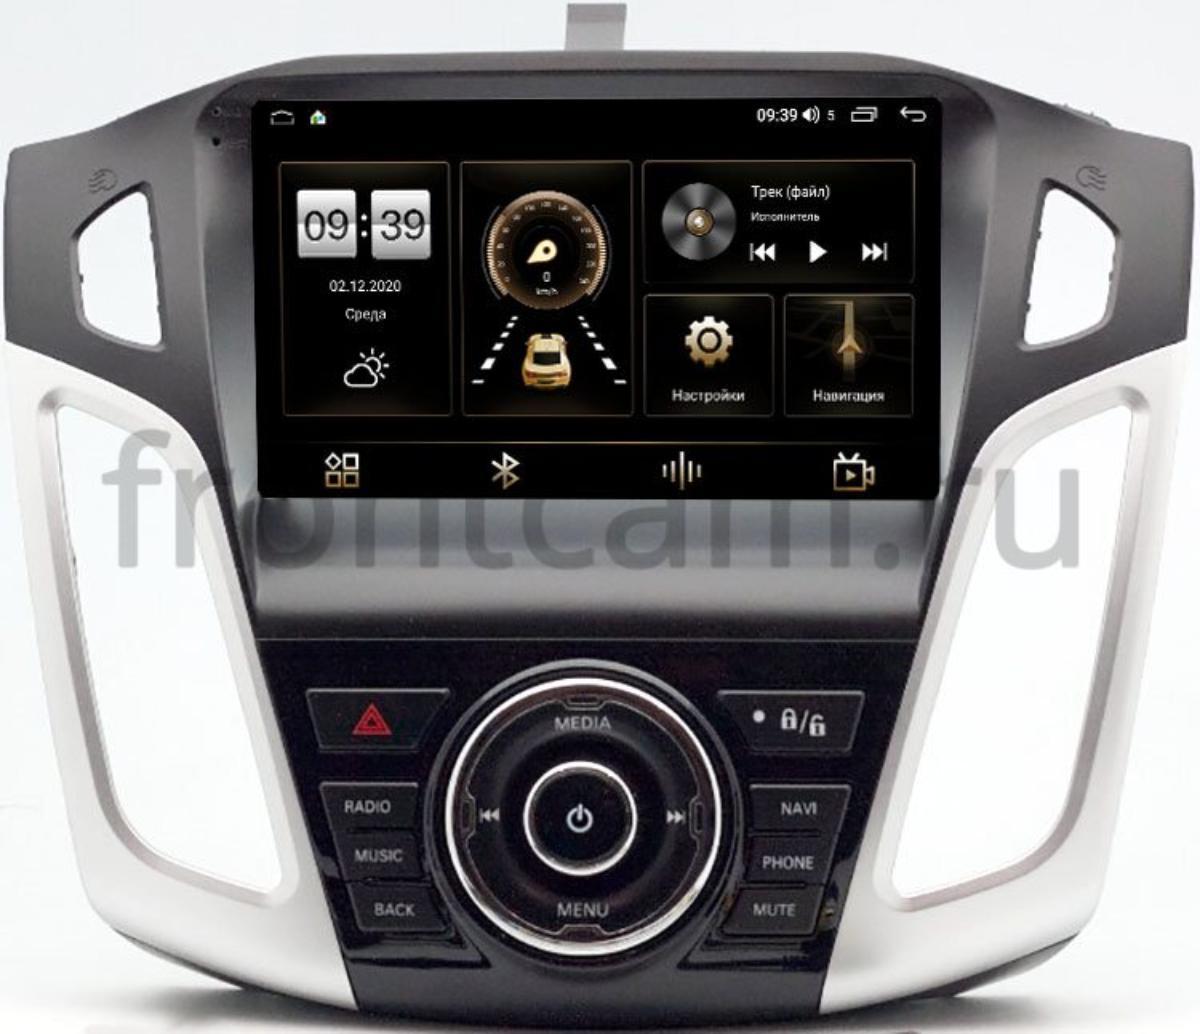 Штатная магнитола Ford Focus III 2011-2018 (тип 2) LeTrun 4166-9-815 на Android 10 (4G-SIM, 3/32, DSP, QLed) (+ Камера заднего вида в подарок!)